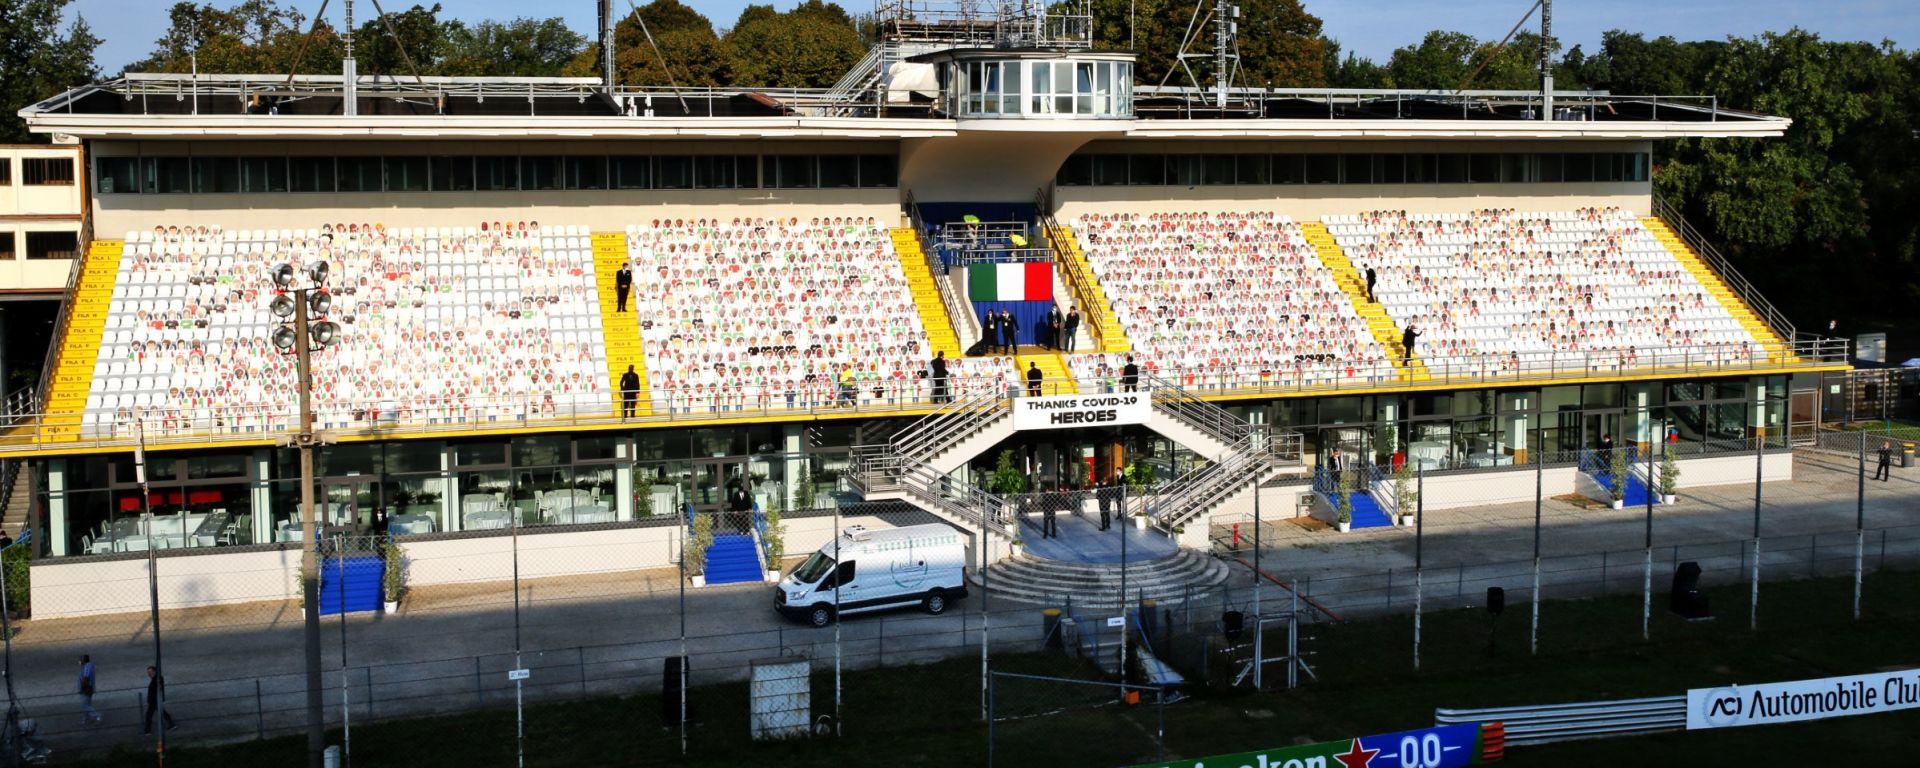 La tribuna centrale dell'Autodromo di Monza